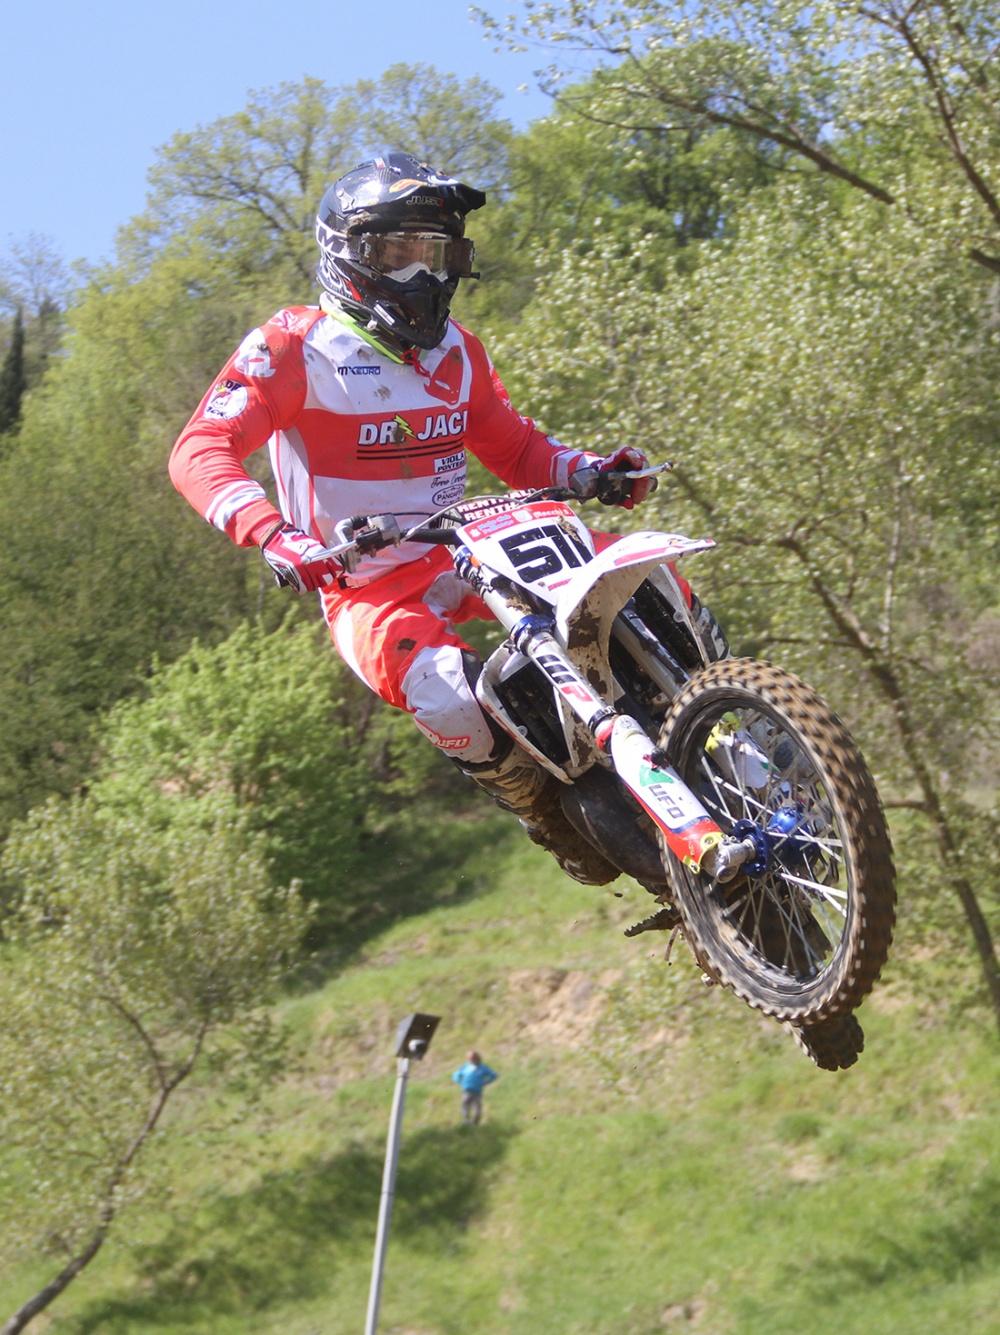 Samuele Mecchi